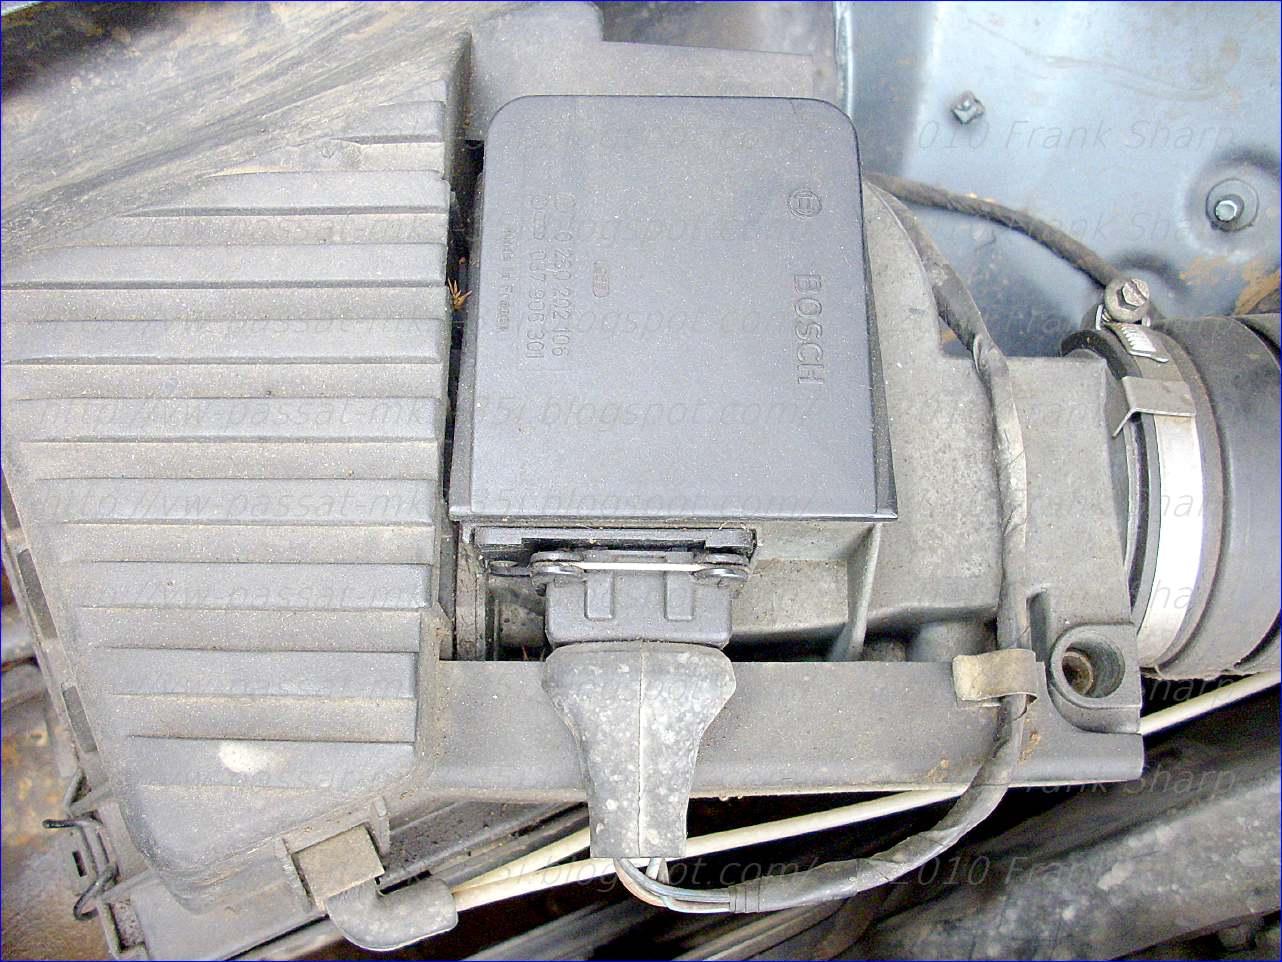 VOLKSWAGEN PASSAT: VOLKSWAGEN PASSAT ENGINE CONTROL MANAGEMENT